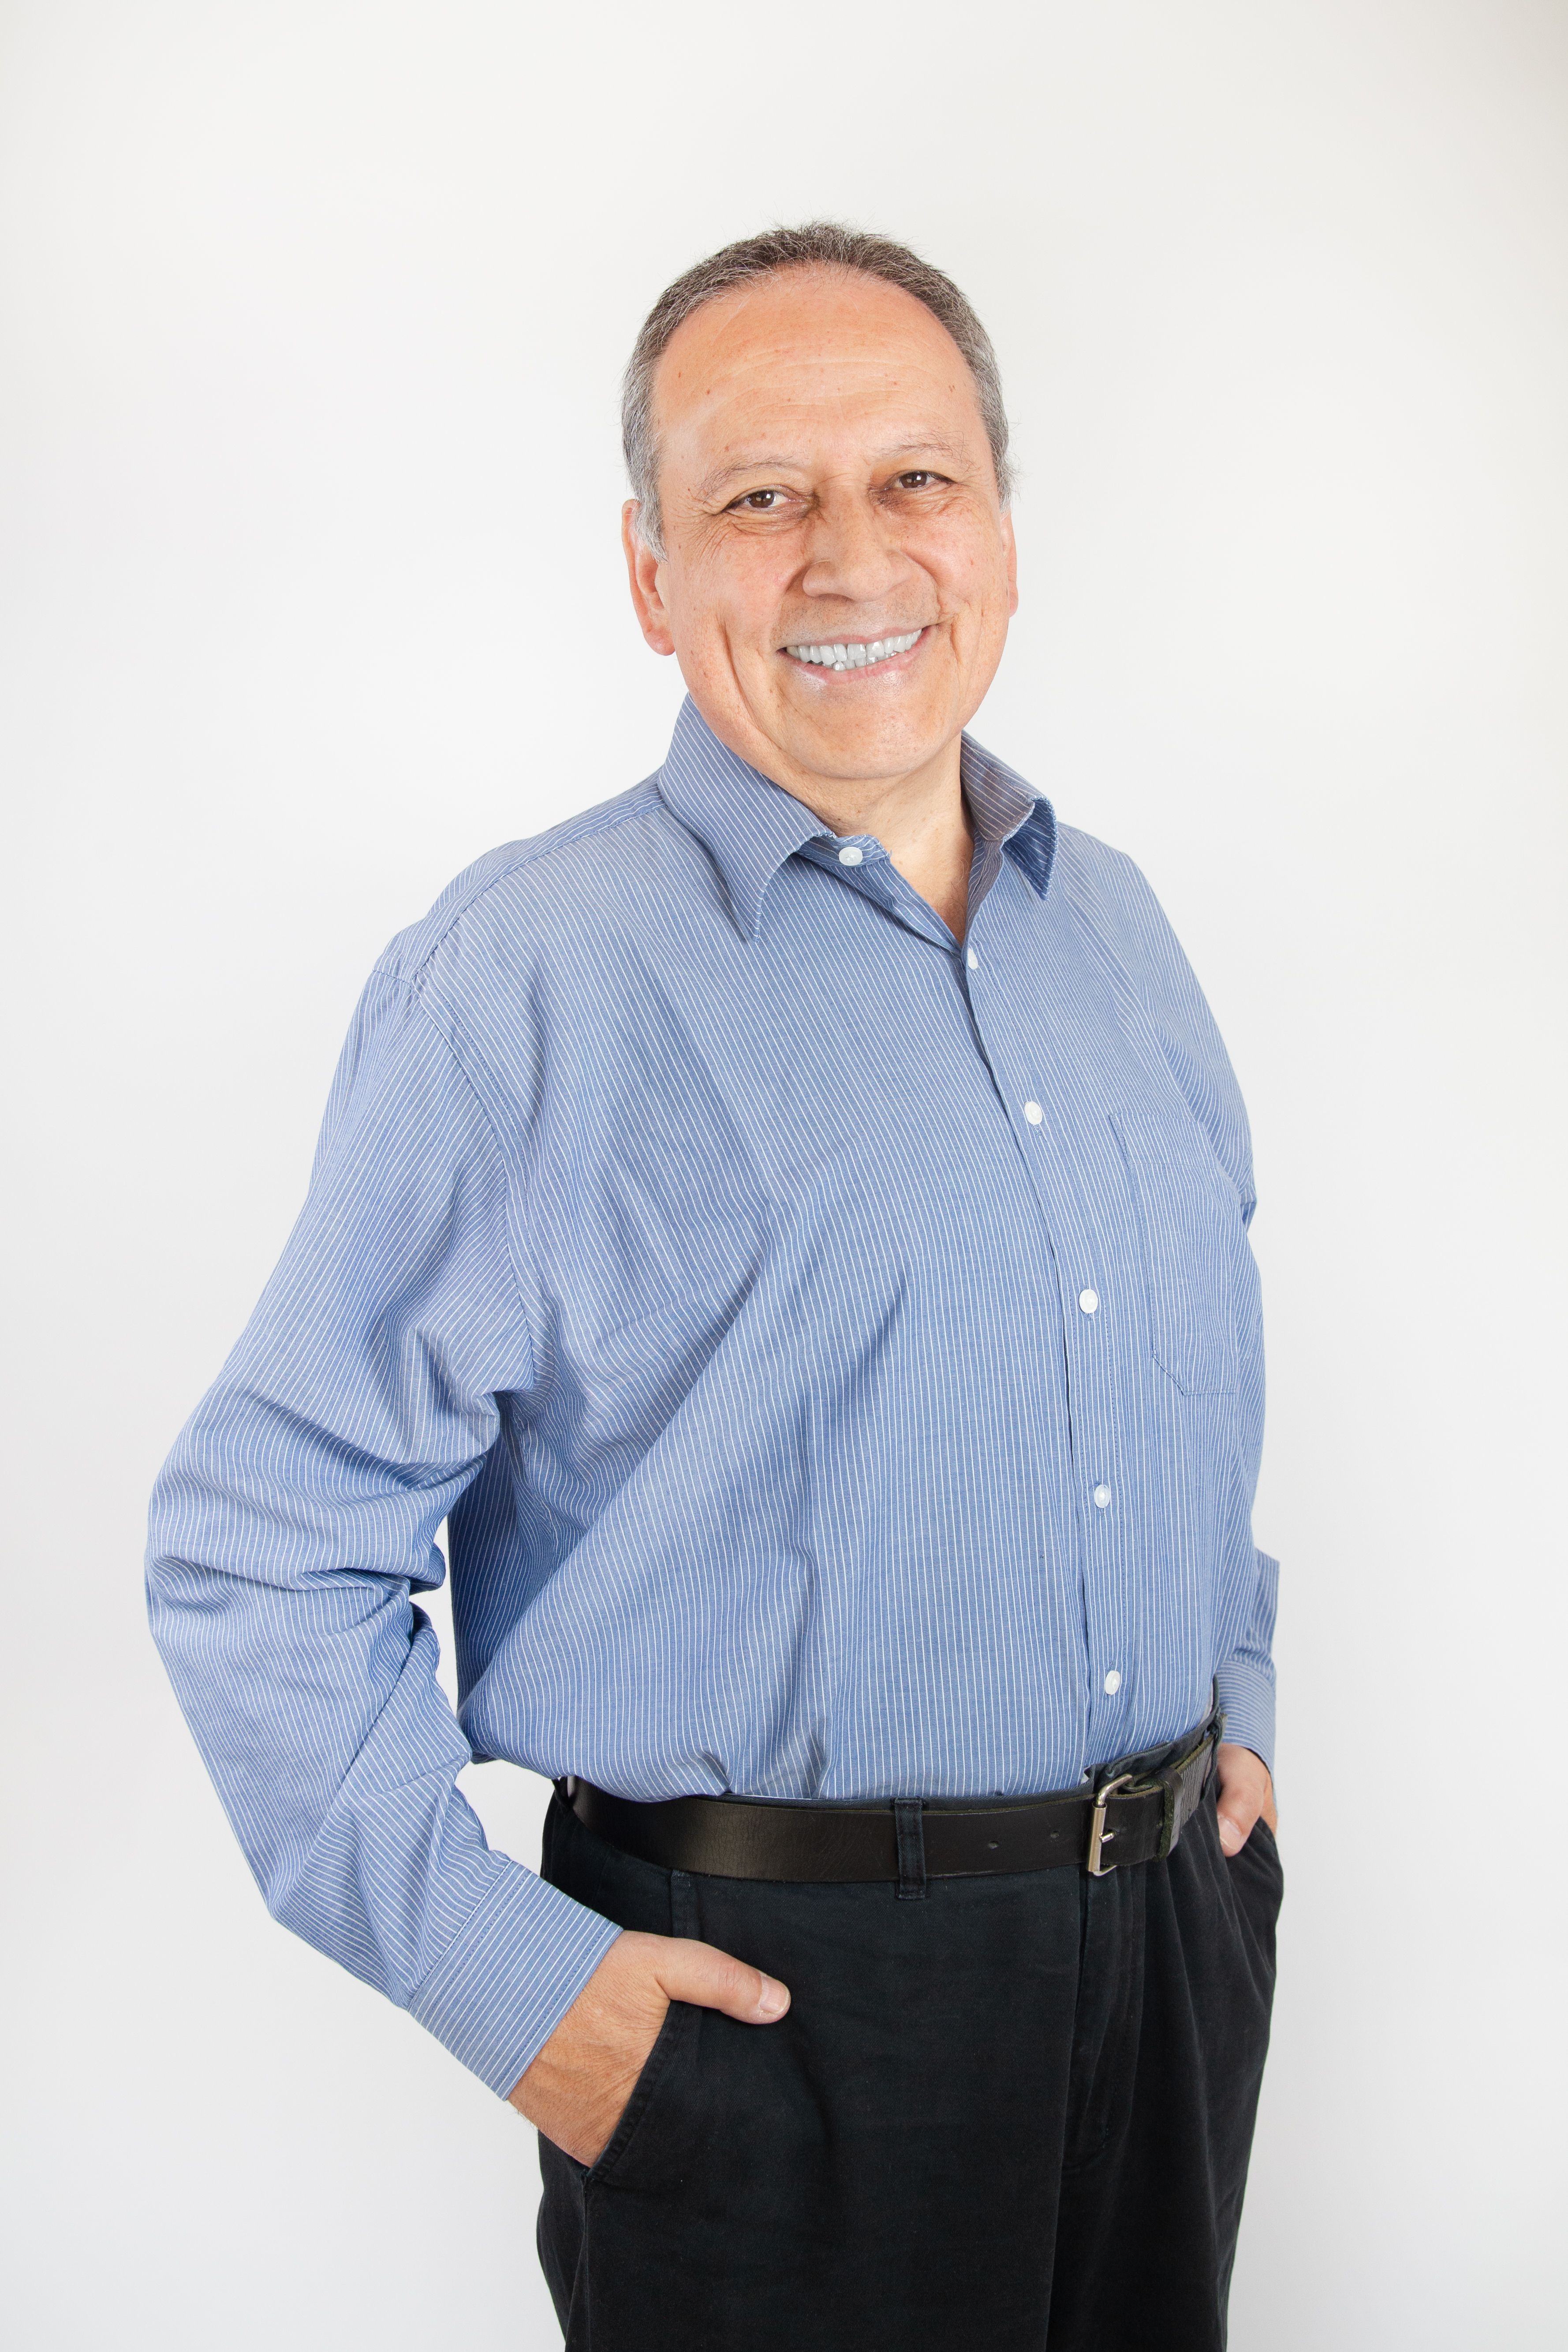 Mario Olguín